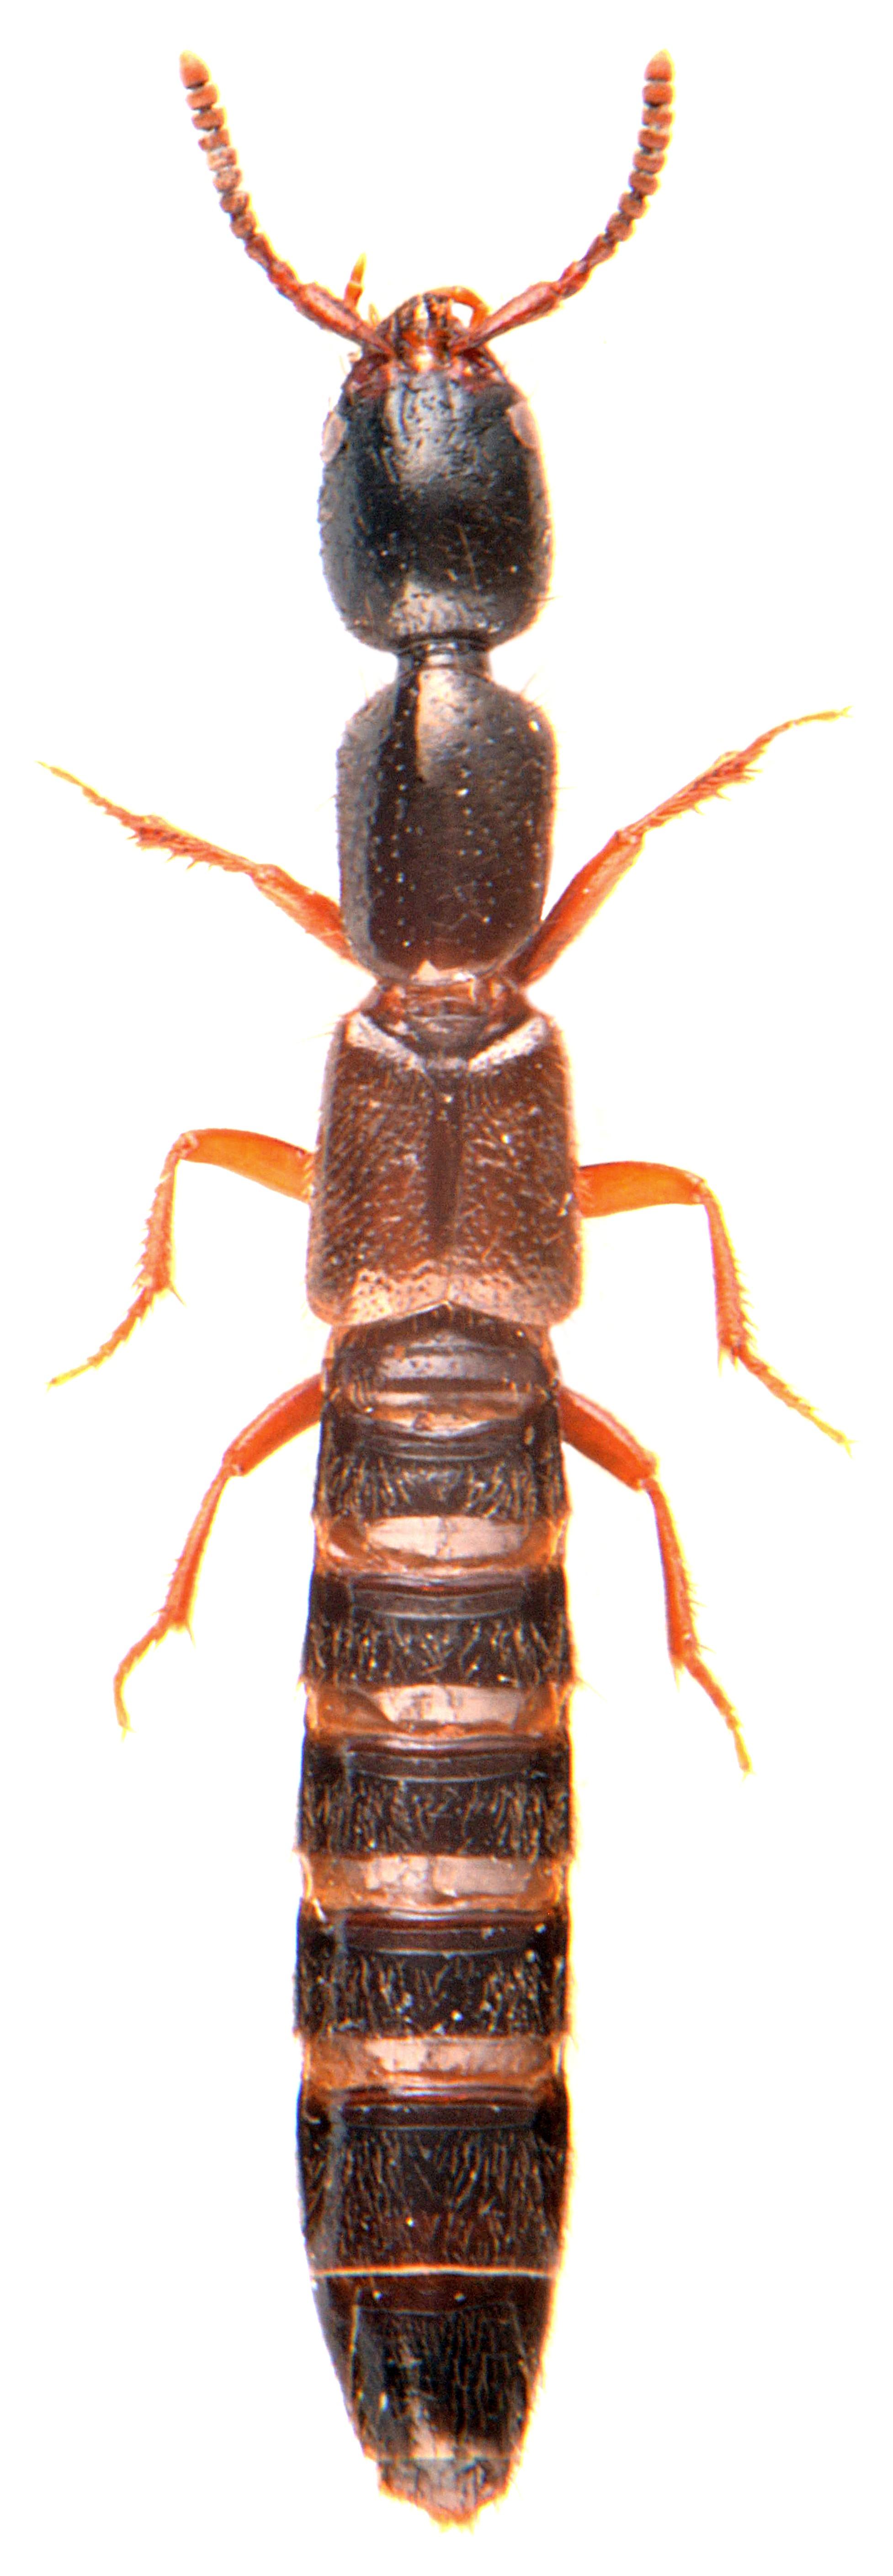 Xantholinus linearis